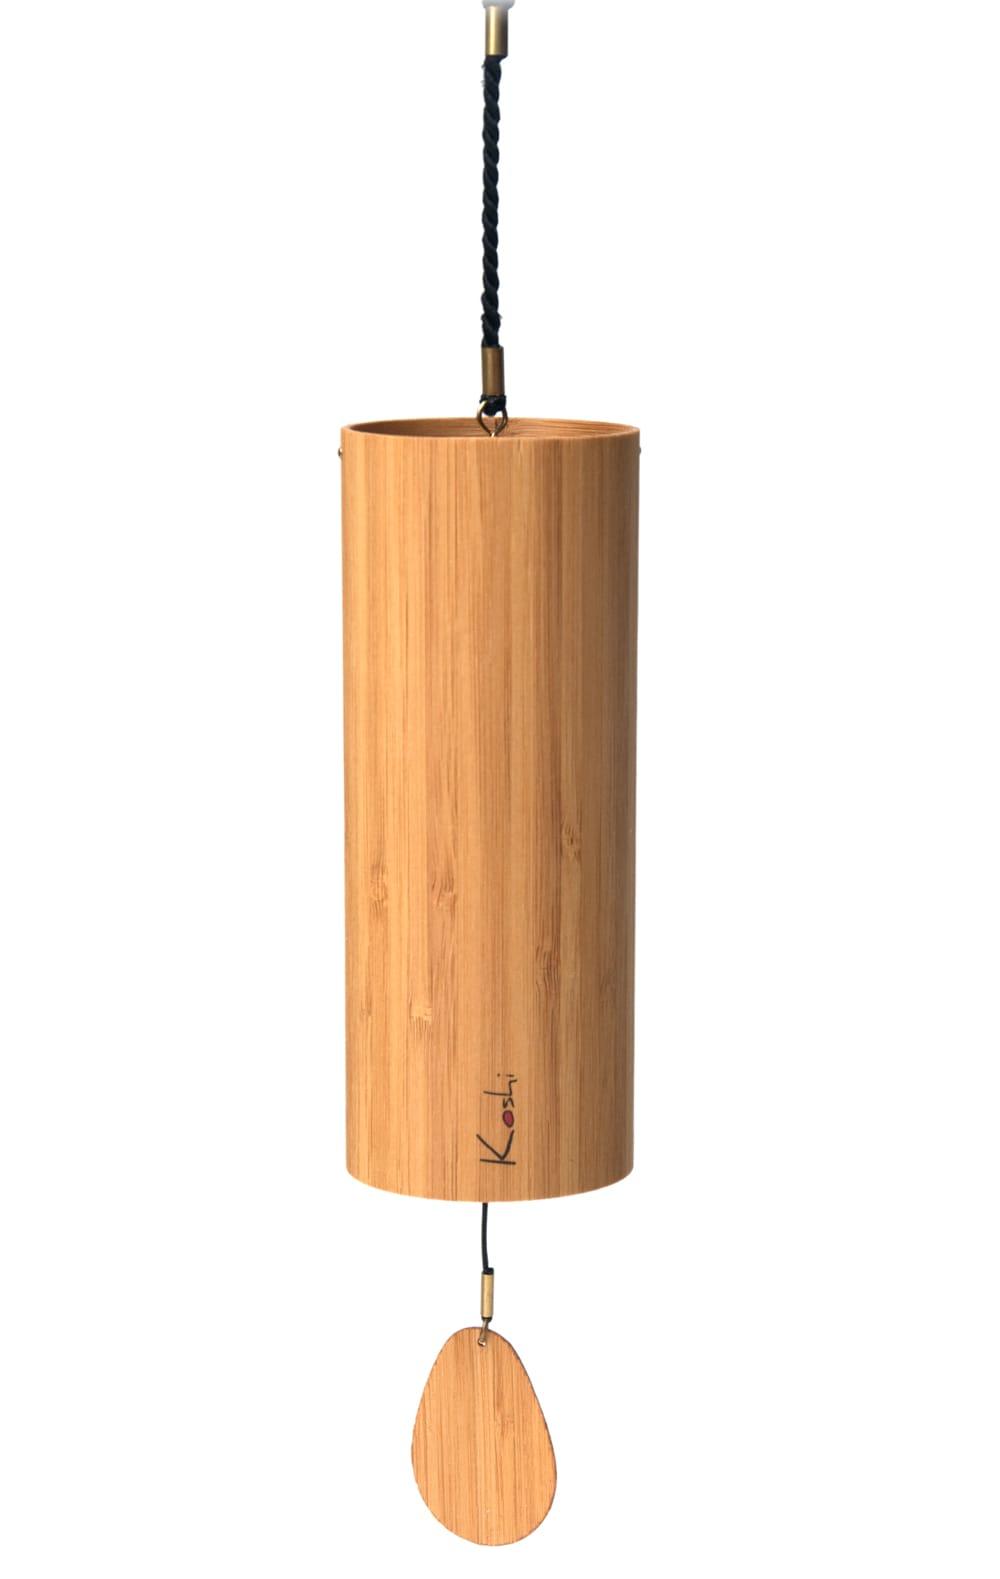 コシ・チャイム Koshi Chime (ヒーリング風鈴) - Aqua 水 6 - シンプルに吊り下げたところです